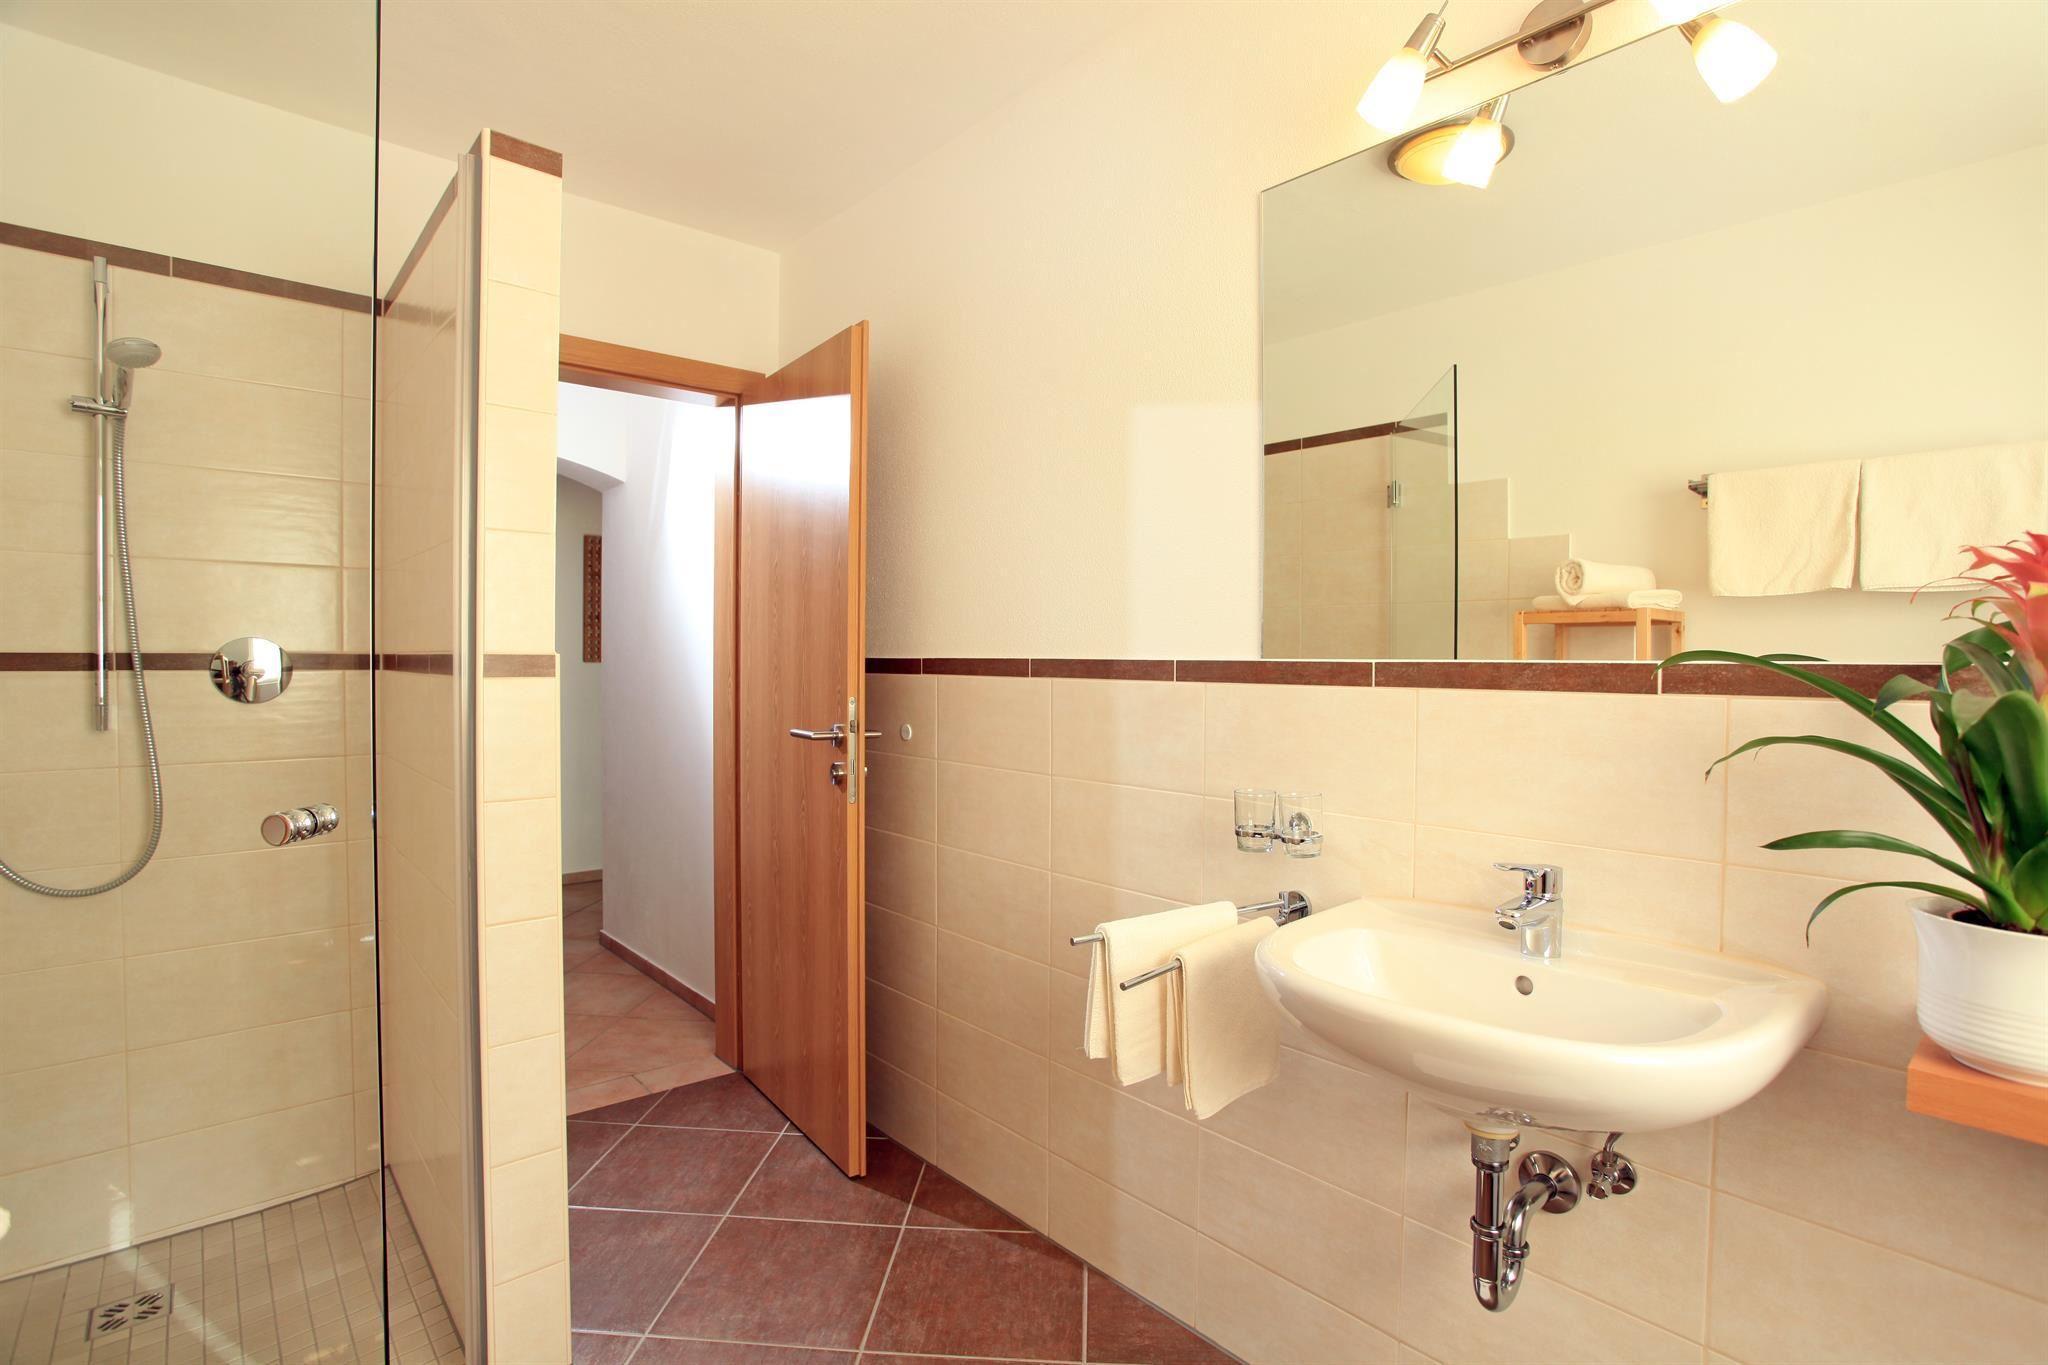 landhaus hirzinger westendorf. Black Bedroom Furniture Sets. Home Design Ideas